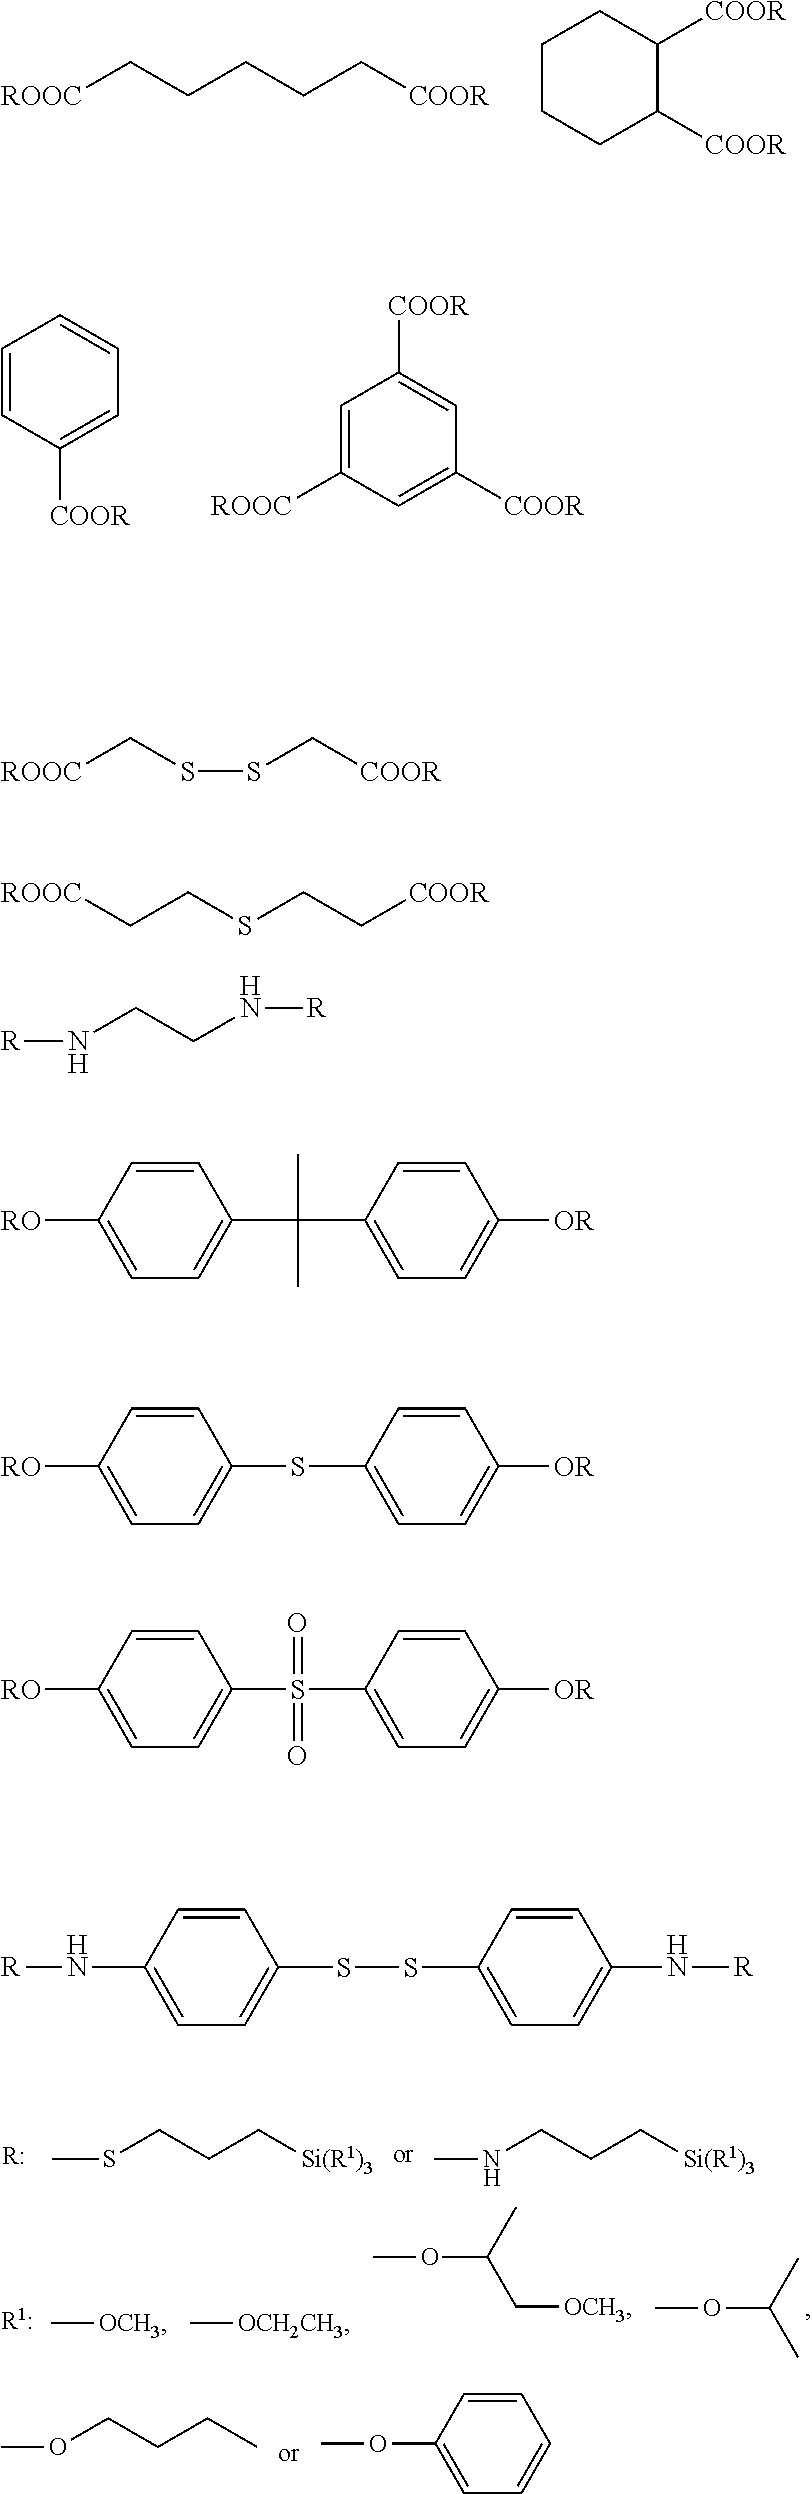 Figure US20110156317A1-20110630-C00006